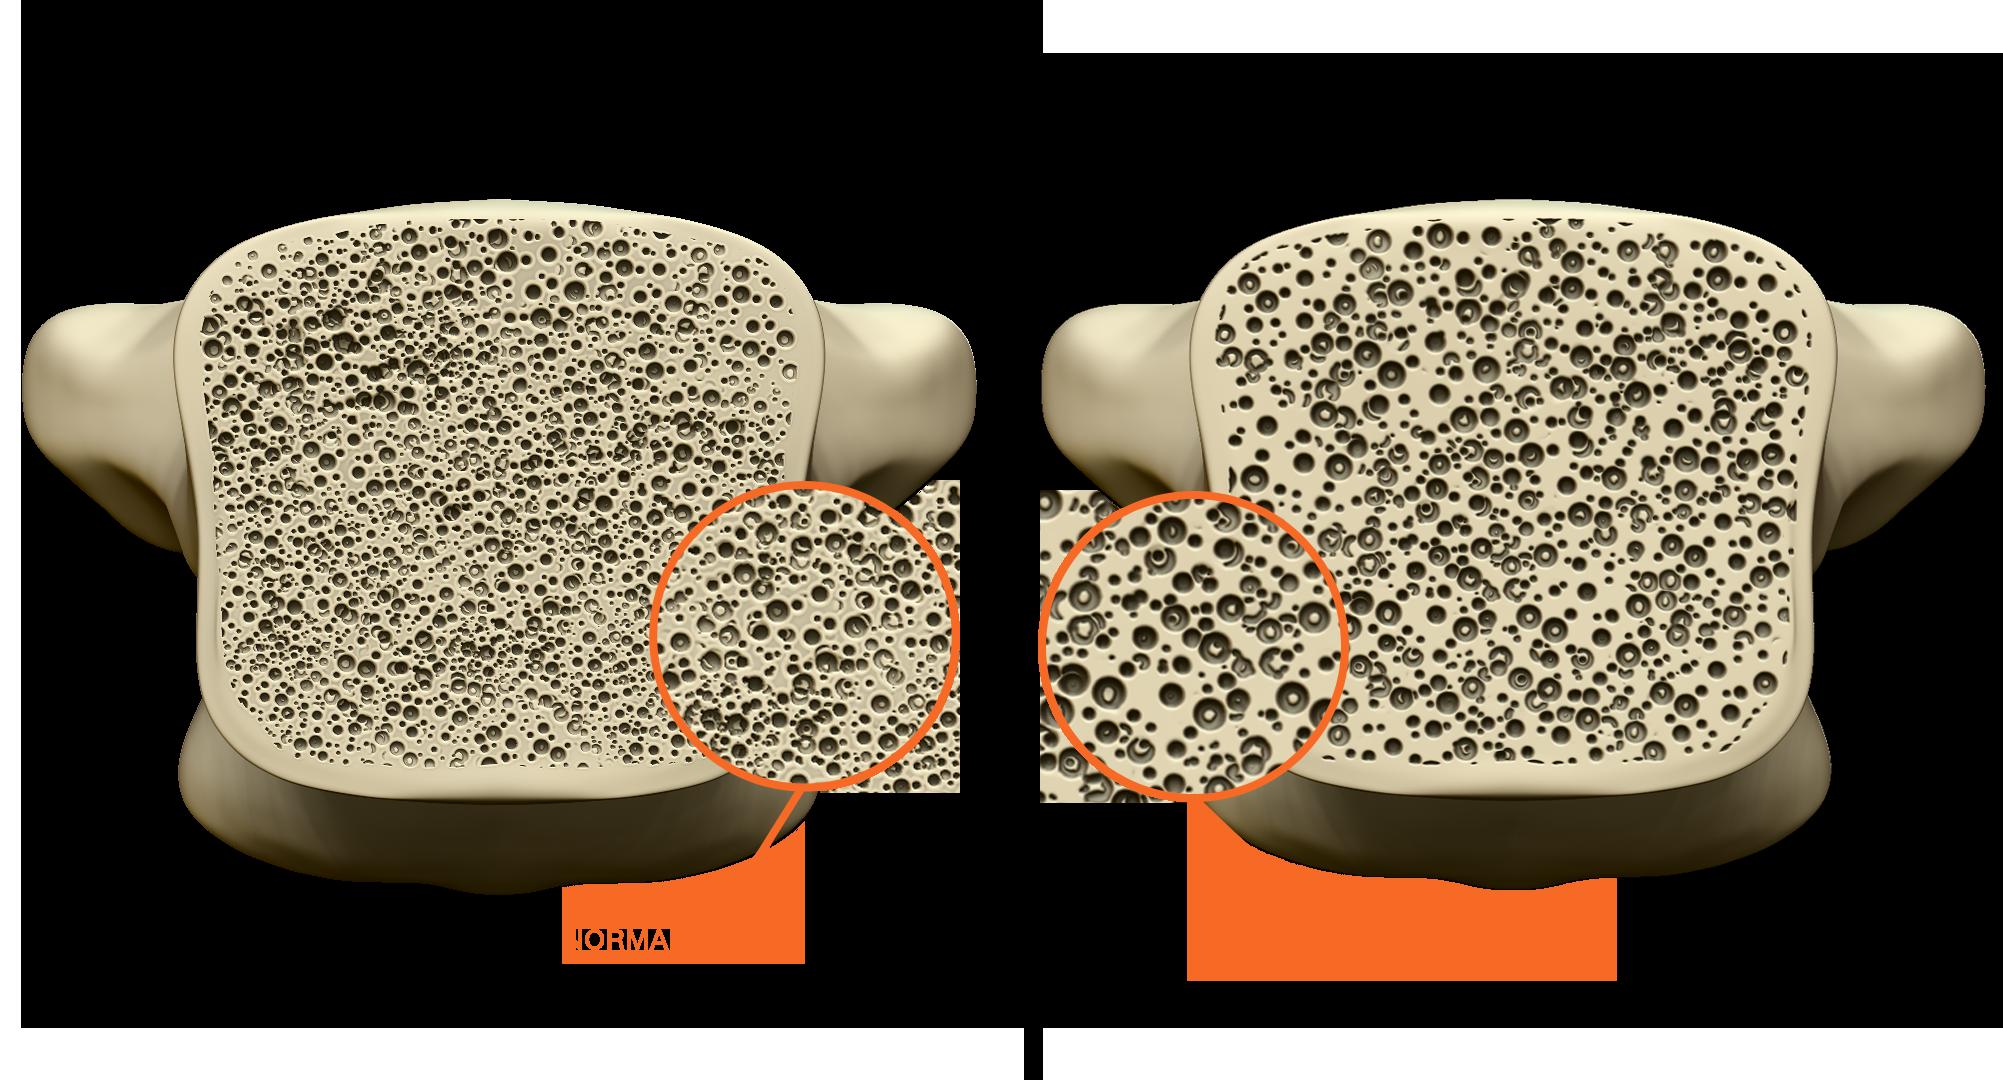 Fratura por osteoporose - Clínica Atualli Especialista Cirurgia Endoscópica de Coluna